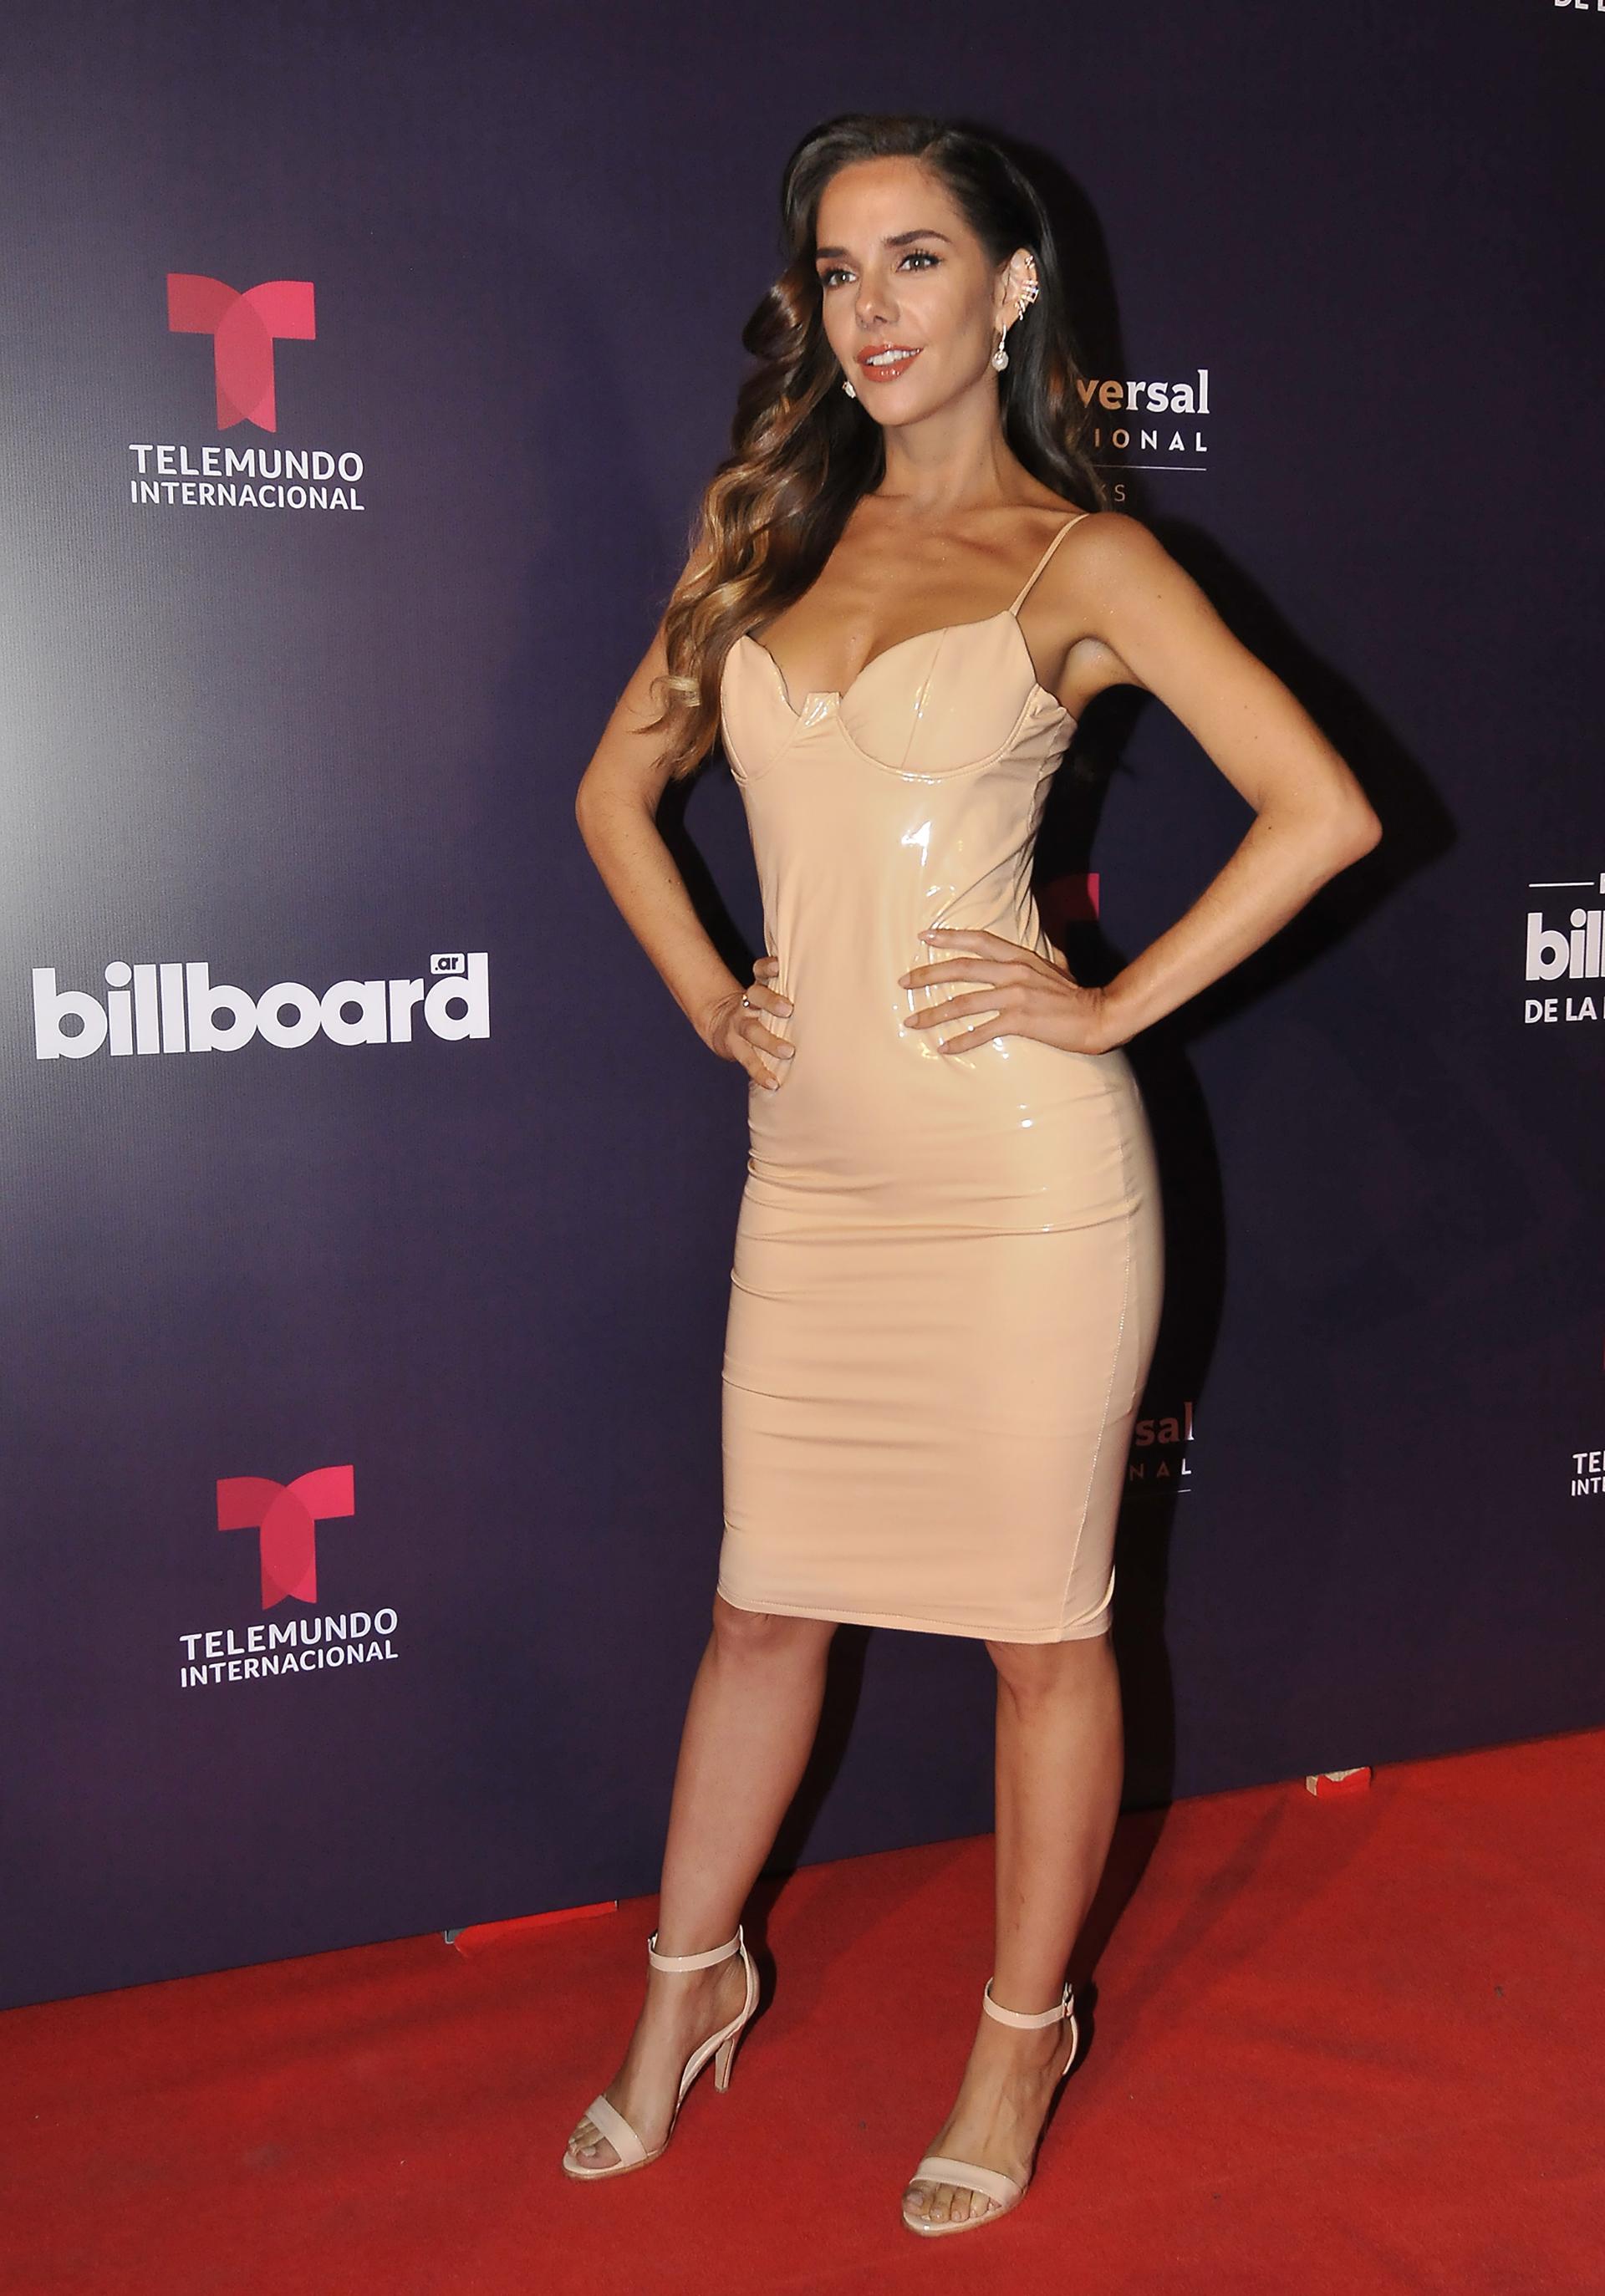 Julieta Nair Calvoestuvo presente en la gran fiesta que organizó Telemundo Internacional y que fue la antesala de los Premios Billboard de la Música Latina